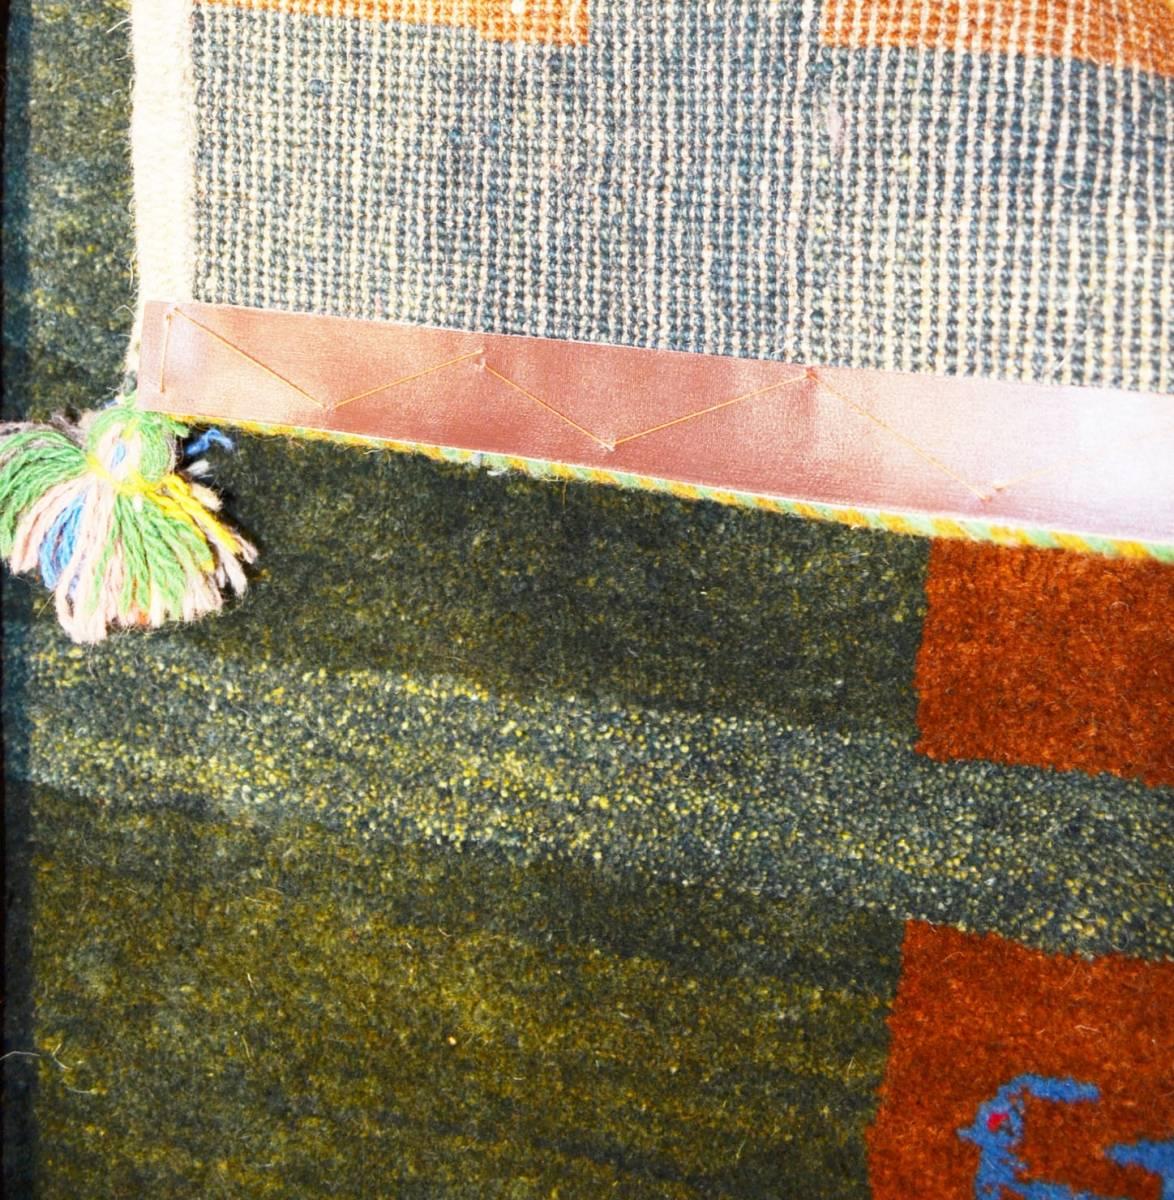 ◆ペルシャギャッベ◆手織り手紡ぎ◆GABBEHギャッベ◆カーペット◆イラン◆ペルシャ絨毯◆リビングサイズビッグ 148cmx198cm LV854_画像6